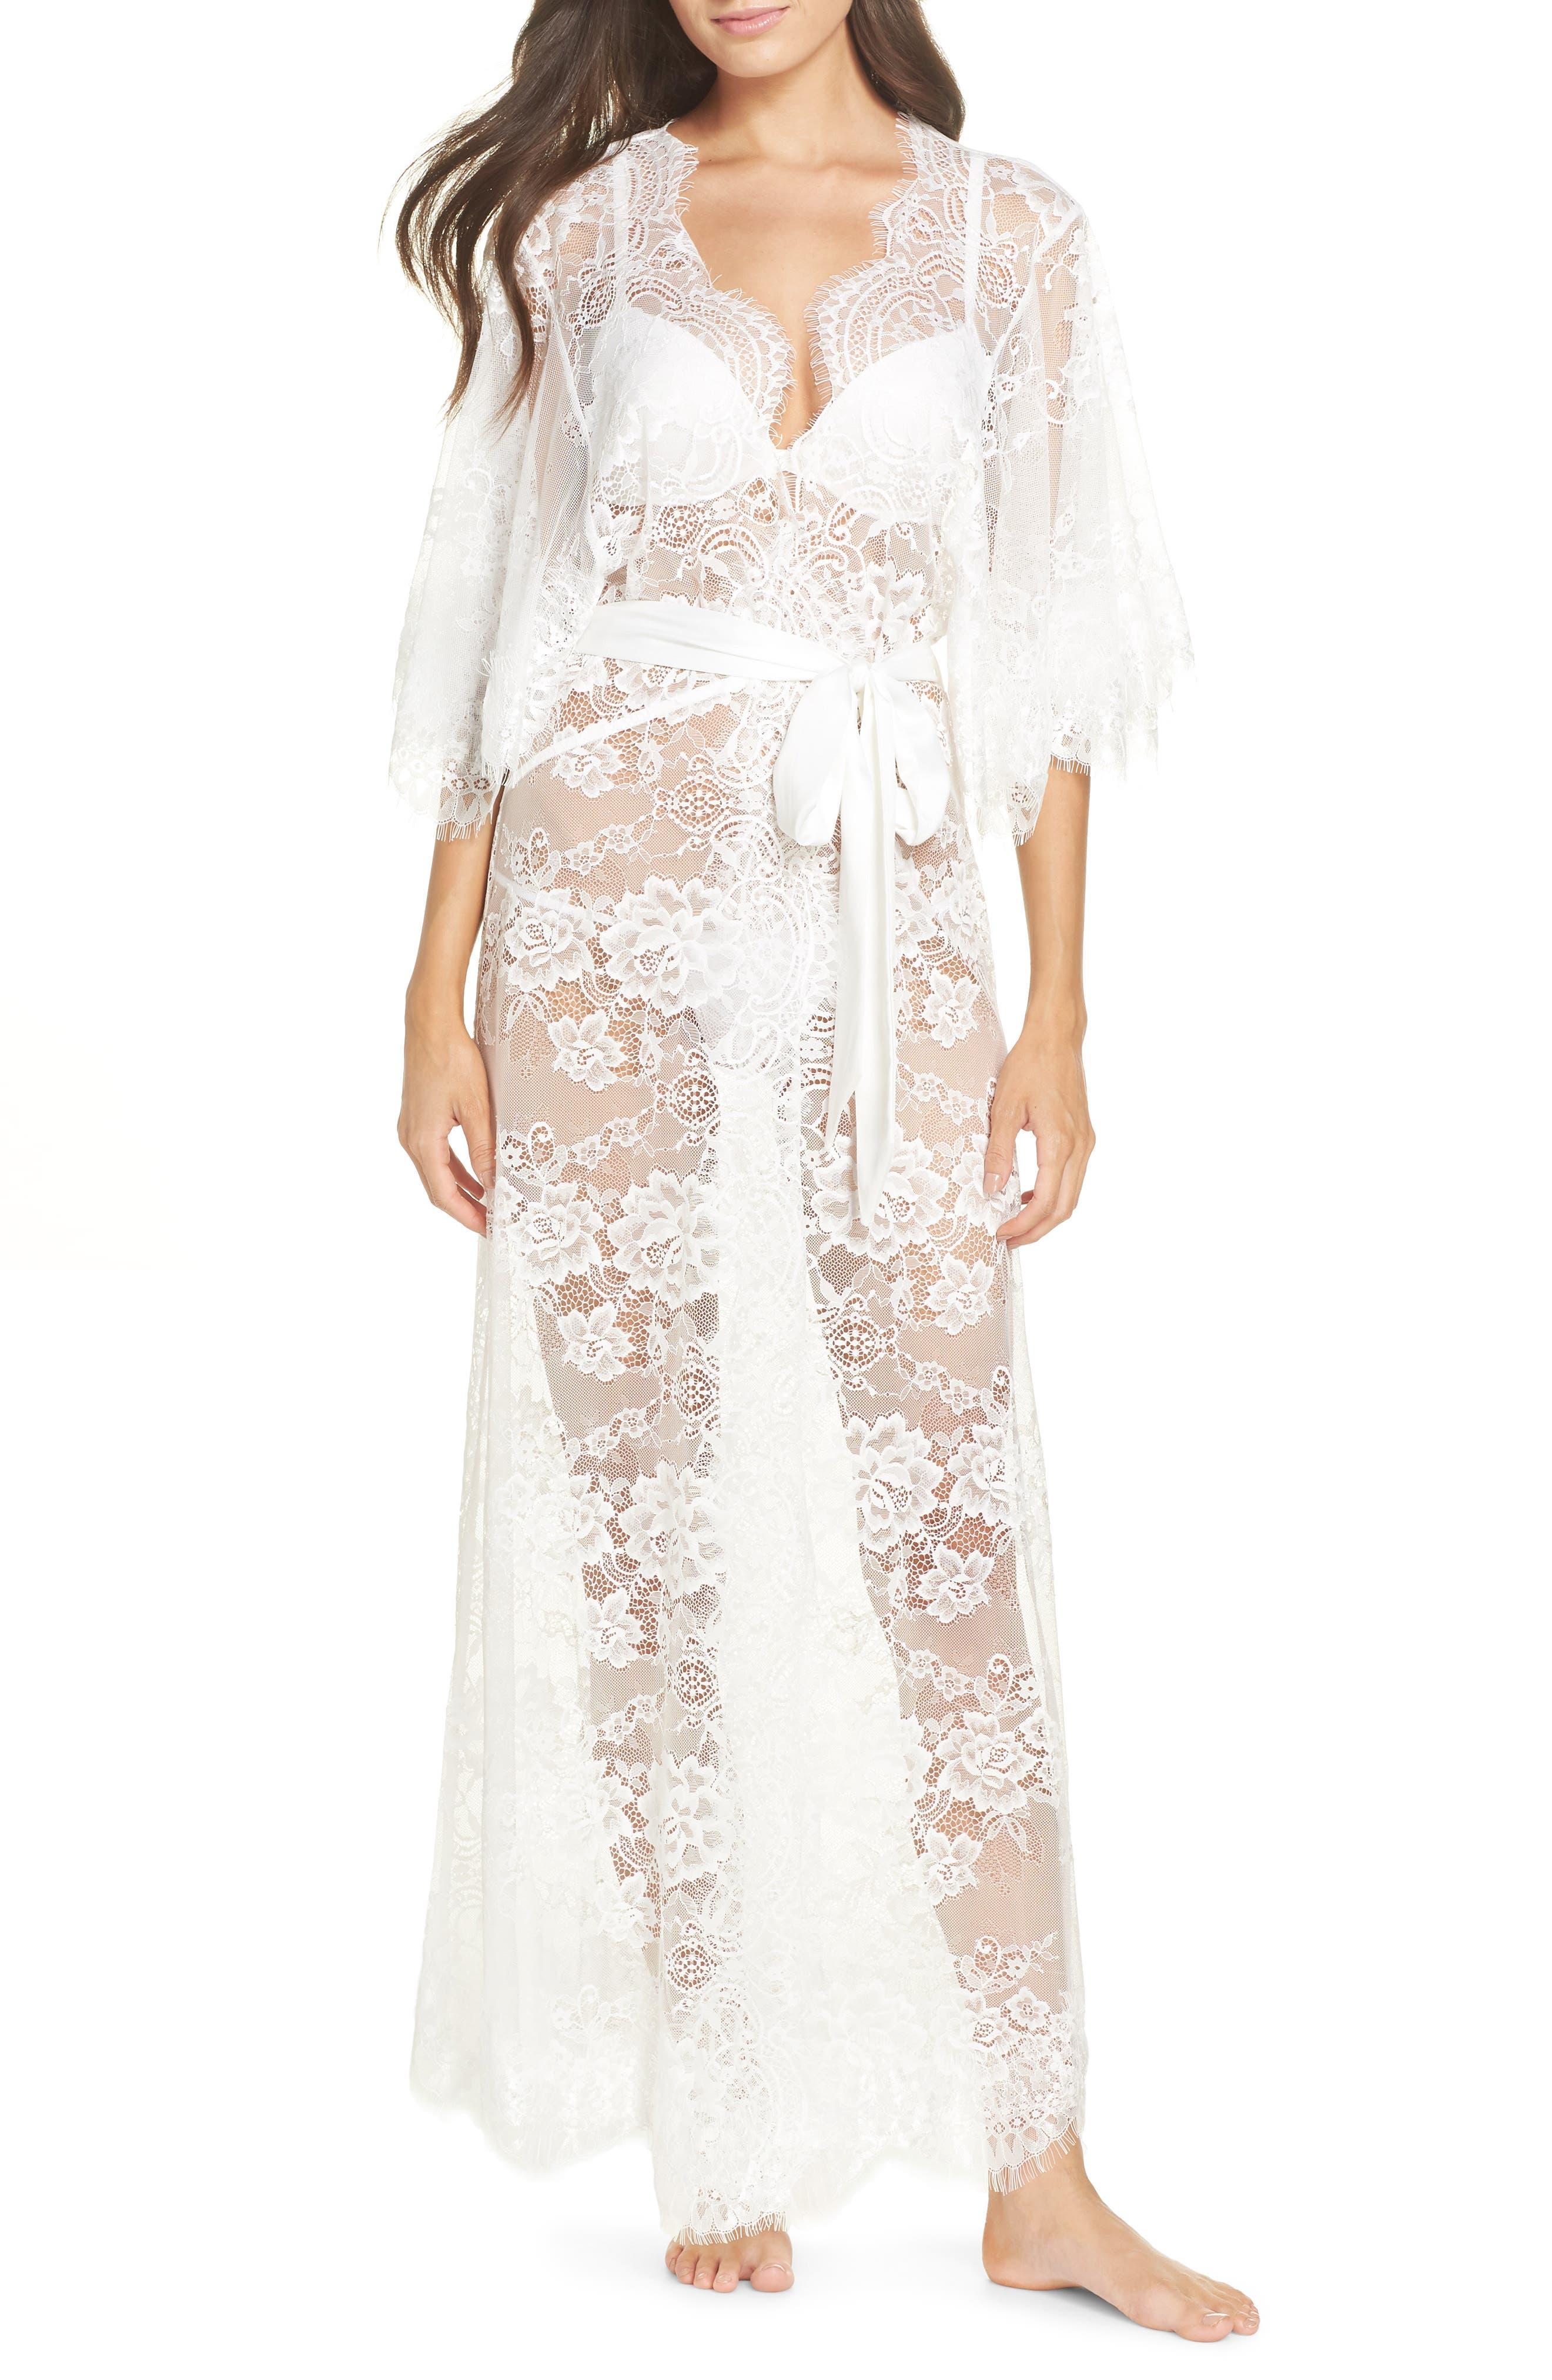 HOMEBODII Kassiah Long Wrap in White